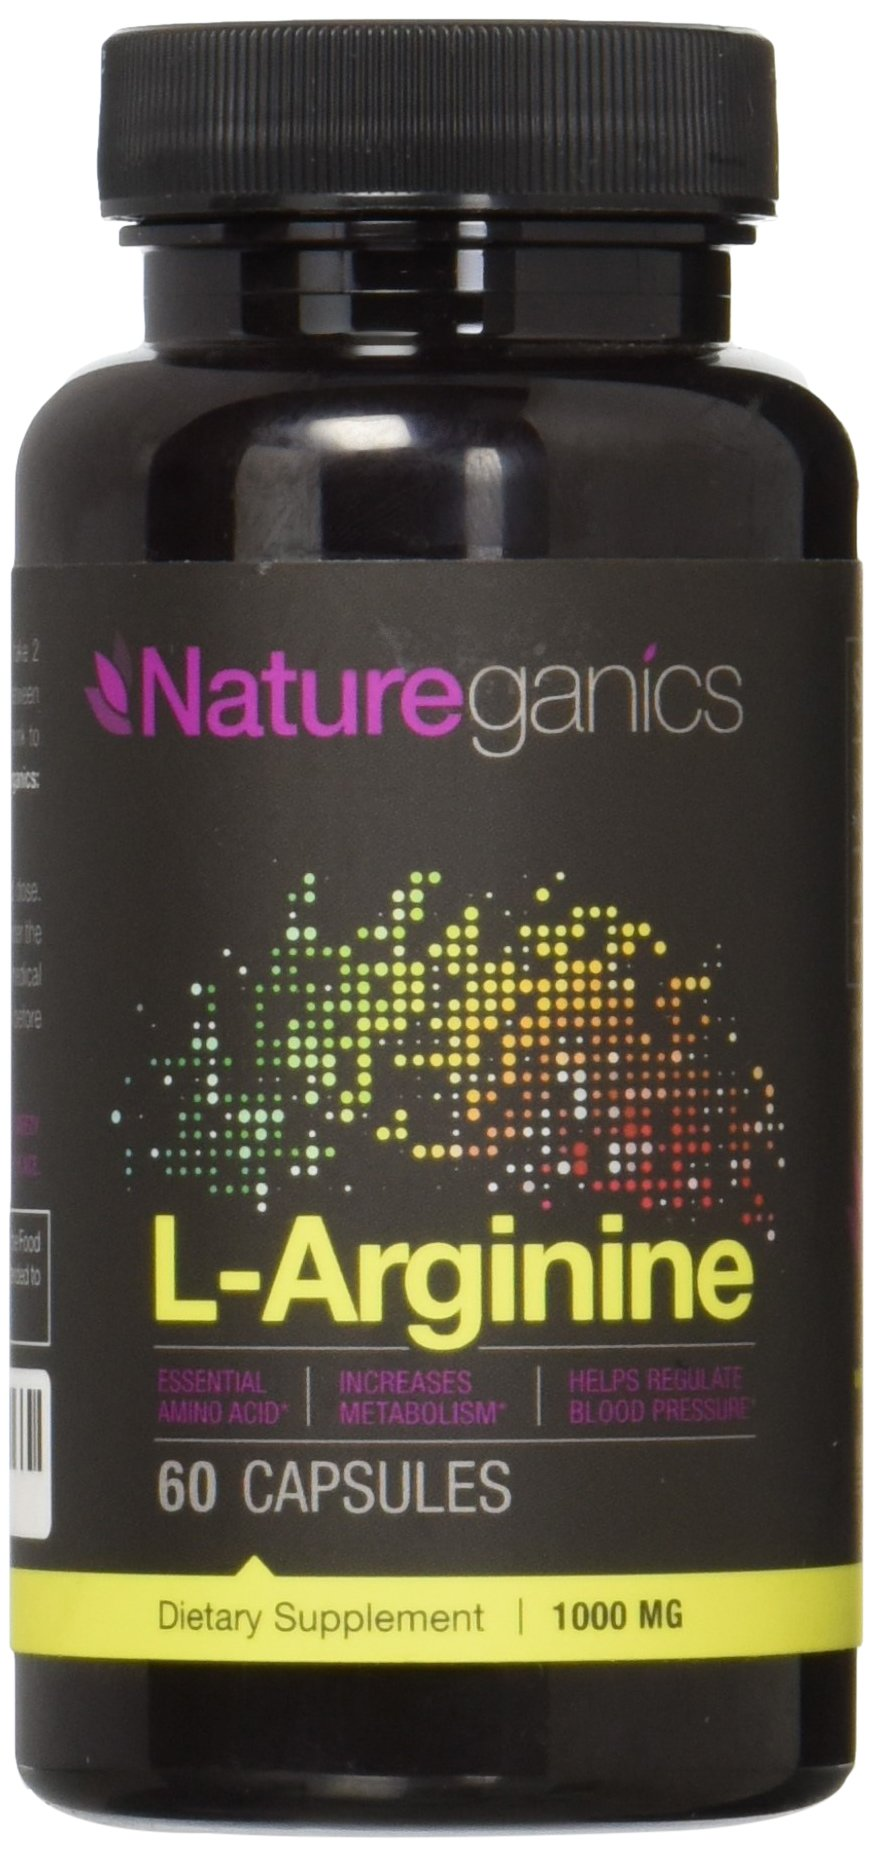 Natureganics L-Arginine 1000mg Premium Amino Acid Formula, 60 Capsules